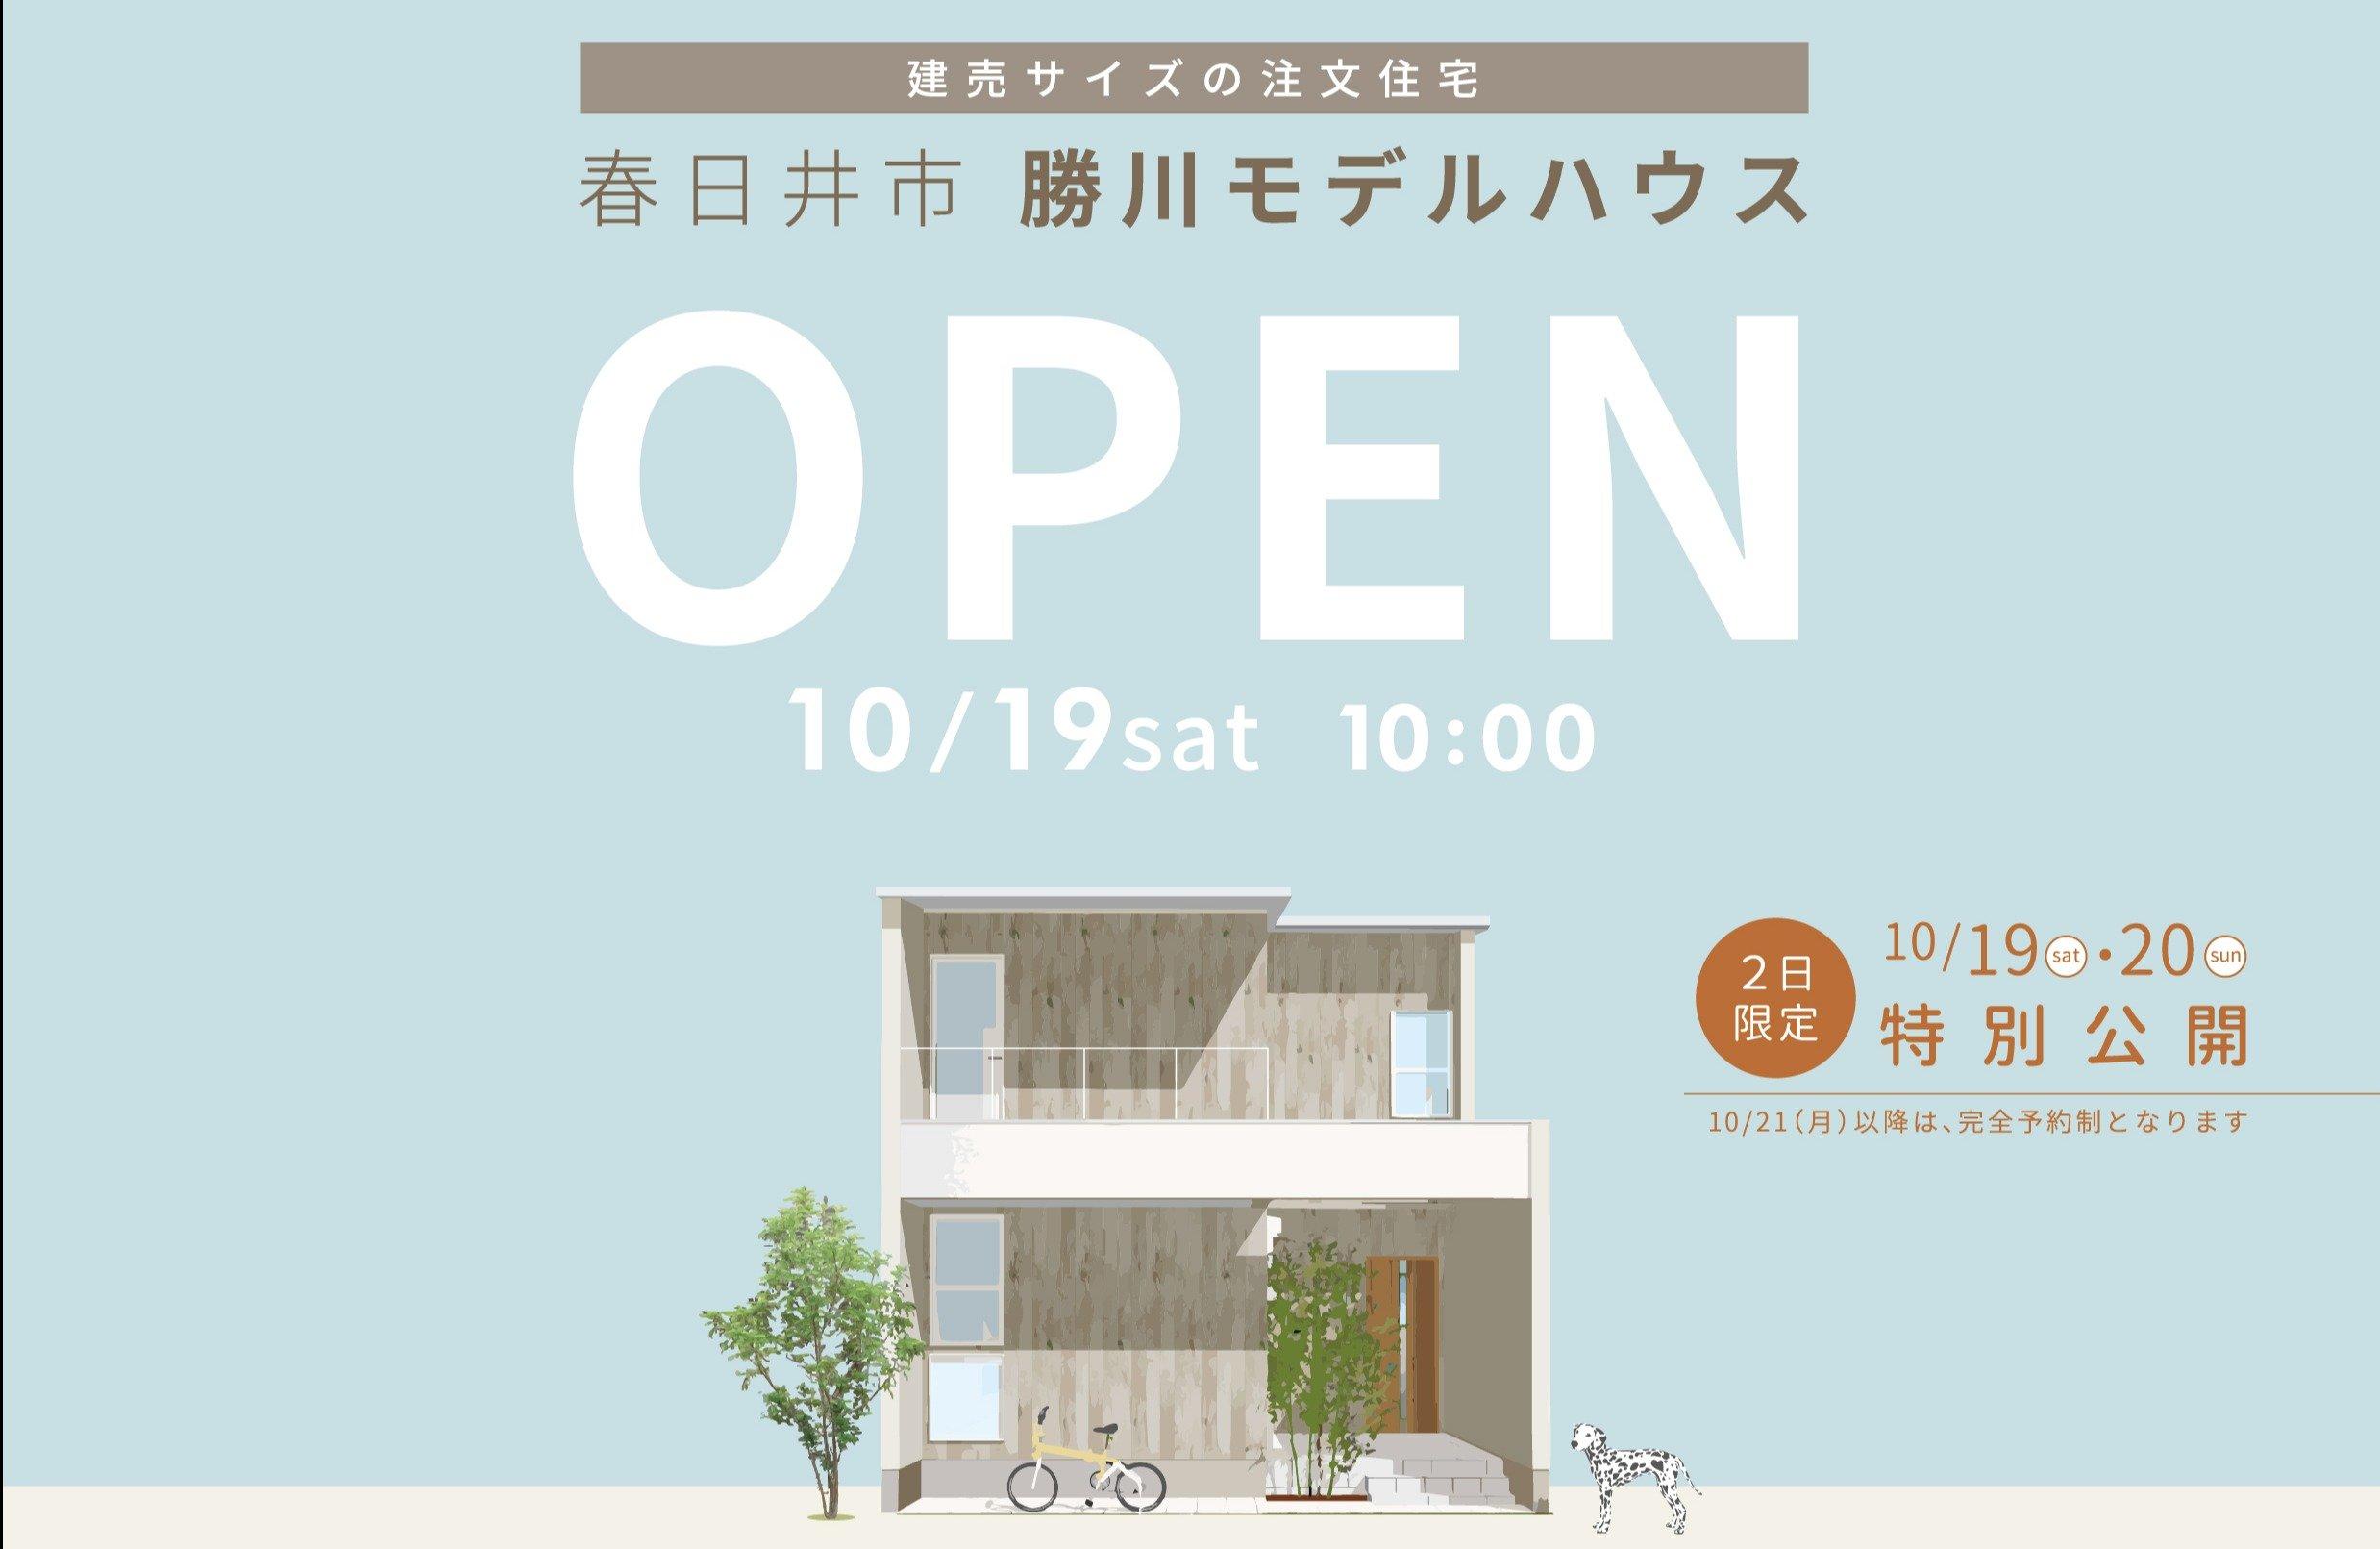 【終了】10/19(土)・20(日) 勝川モデルハウスにて完成現場見学会を開催します!